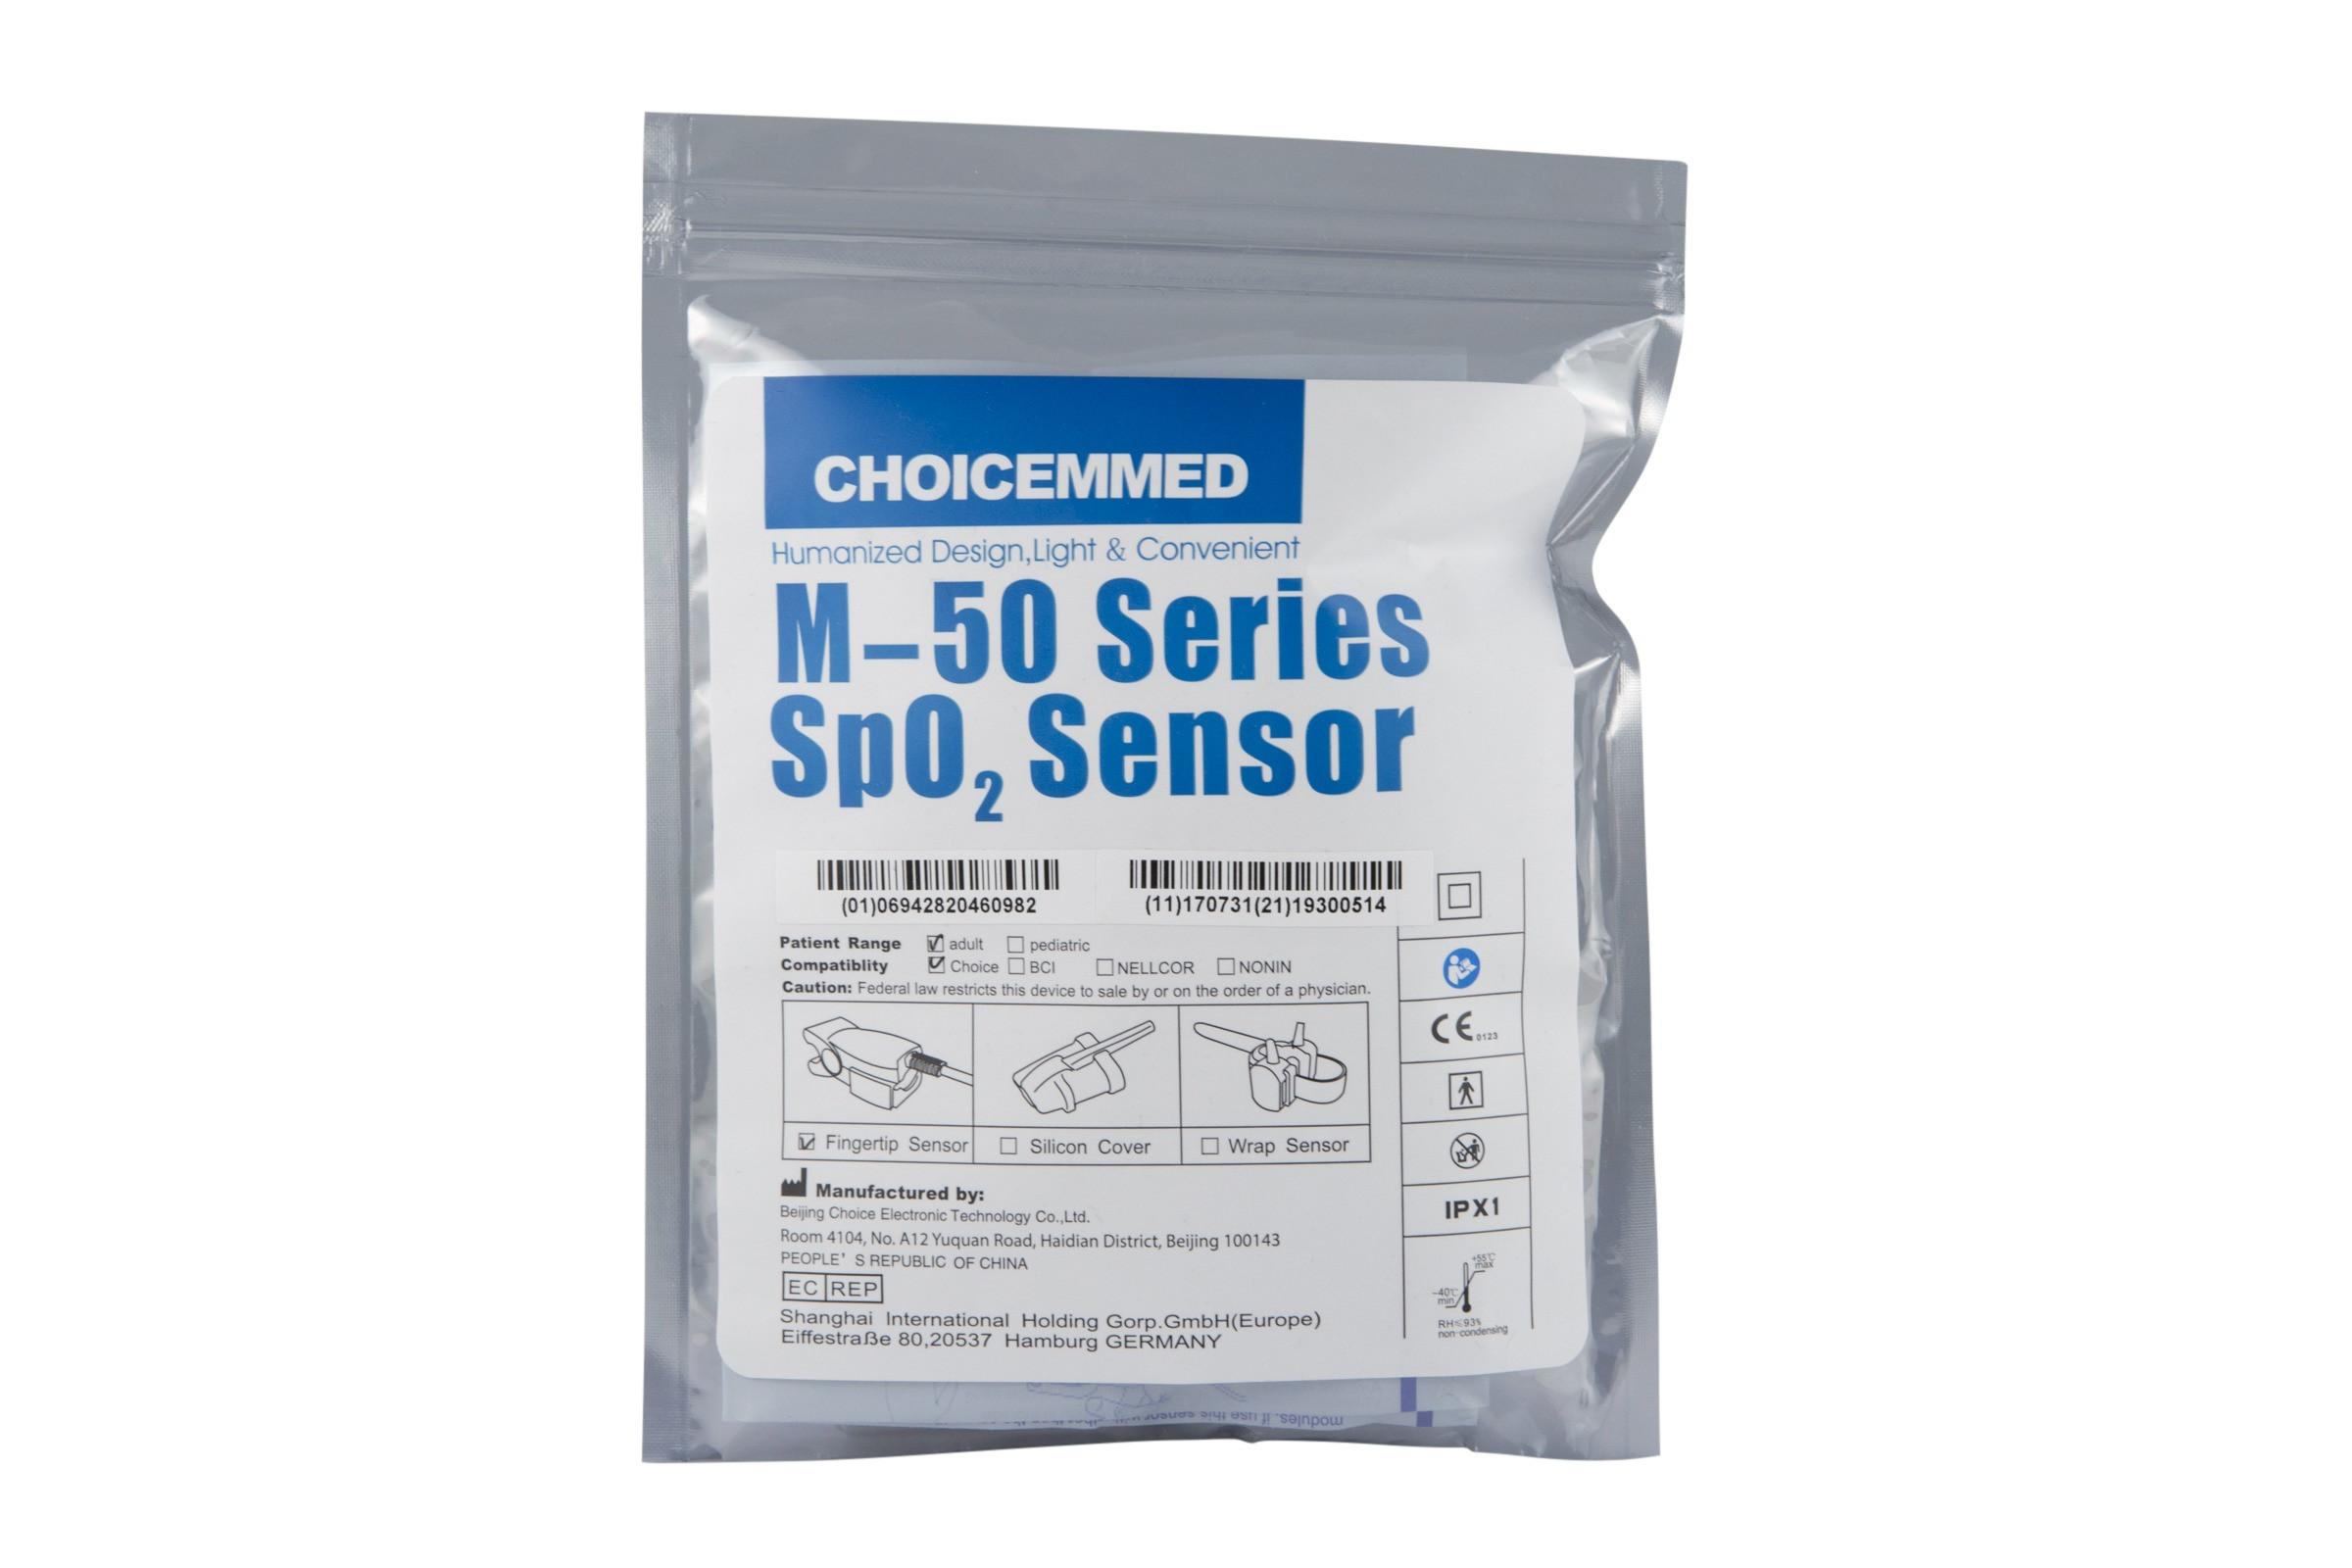 Adult Sensor for Item #30035